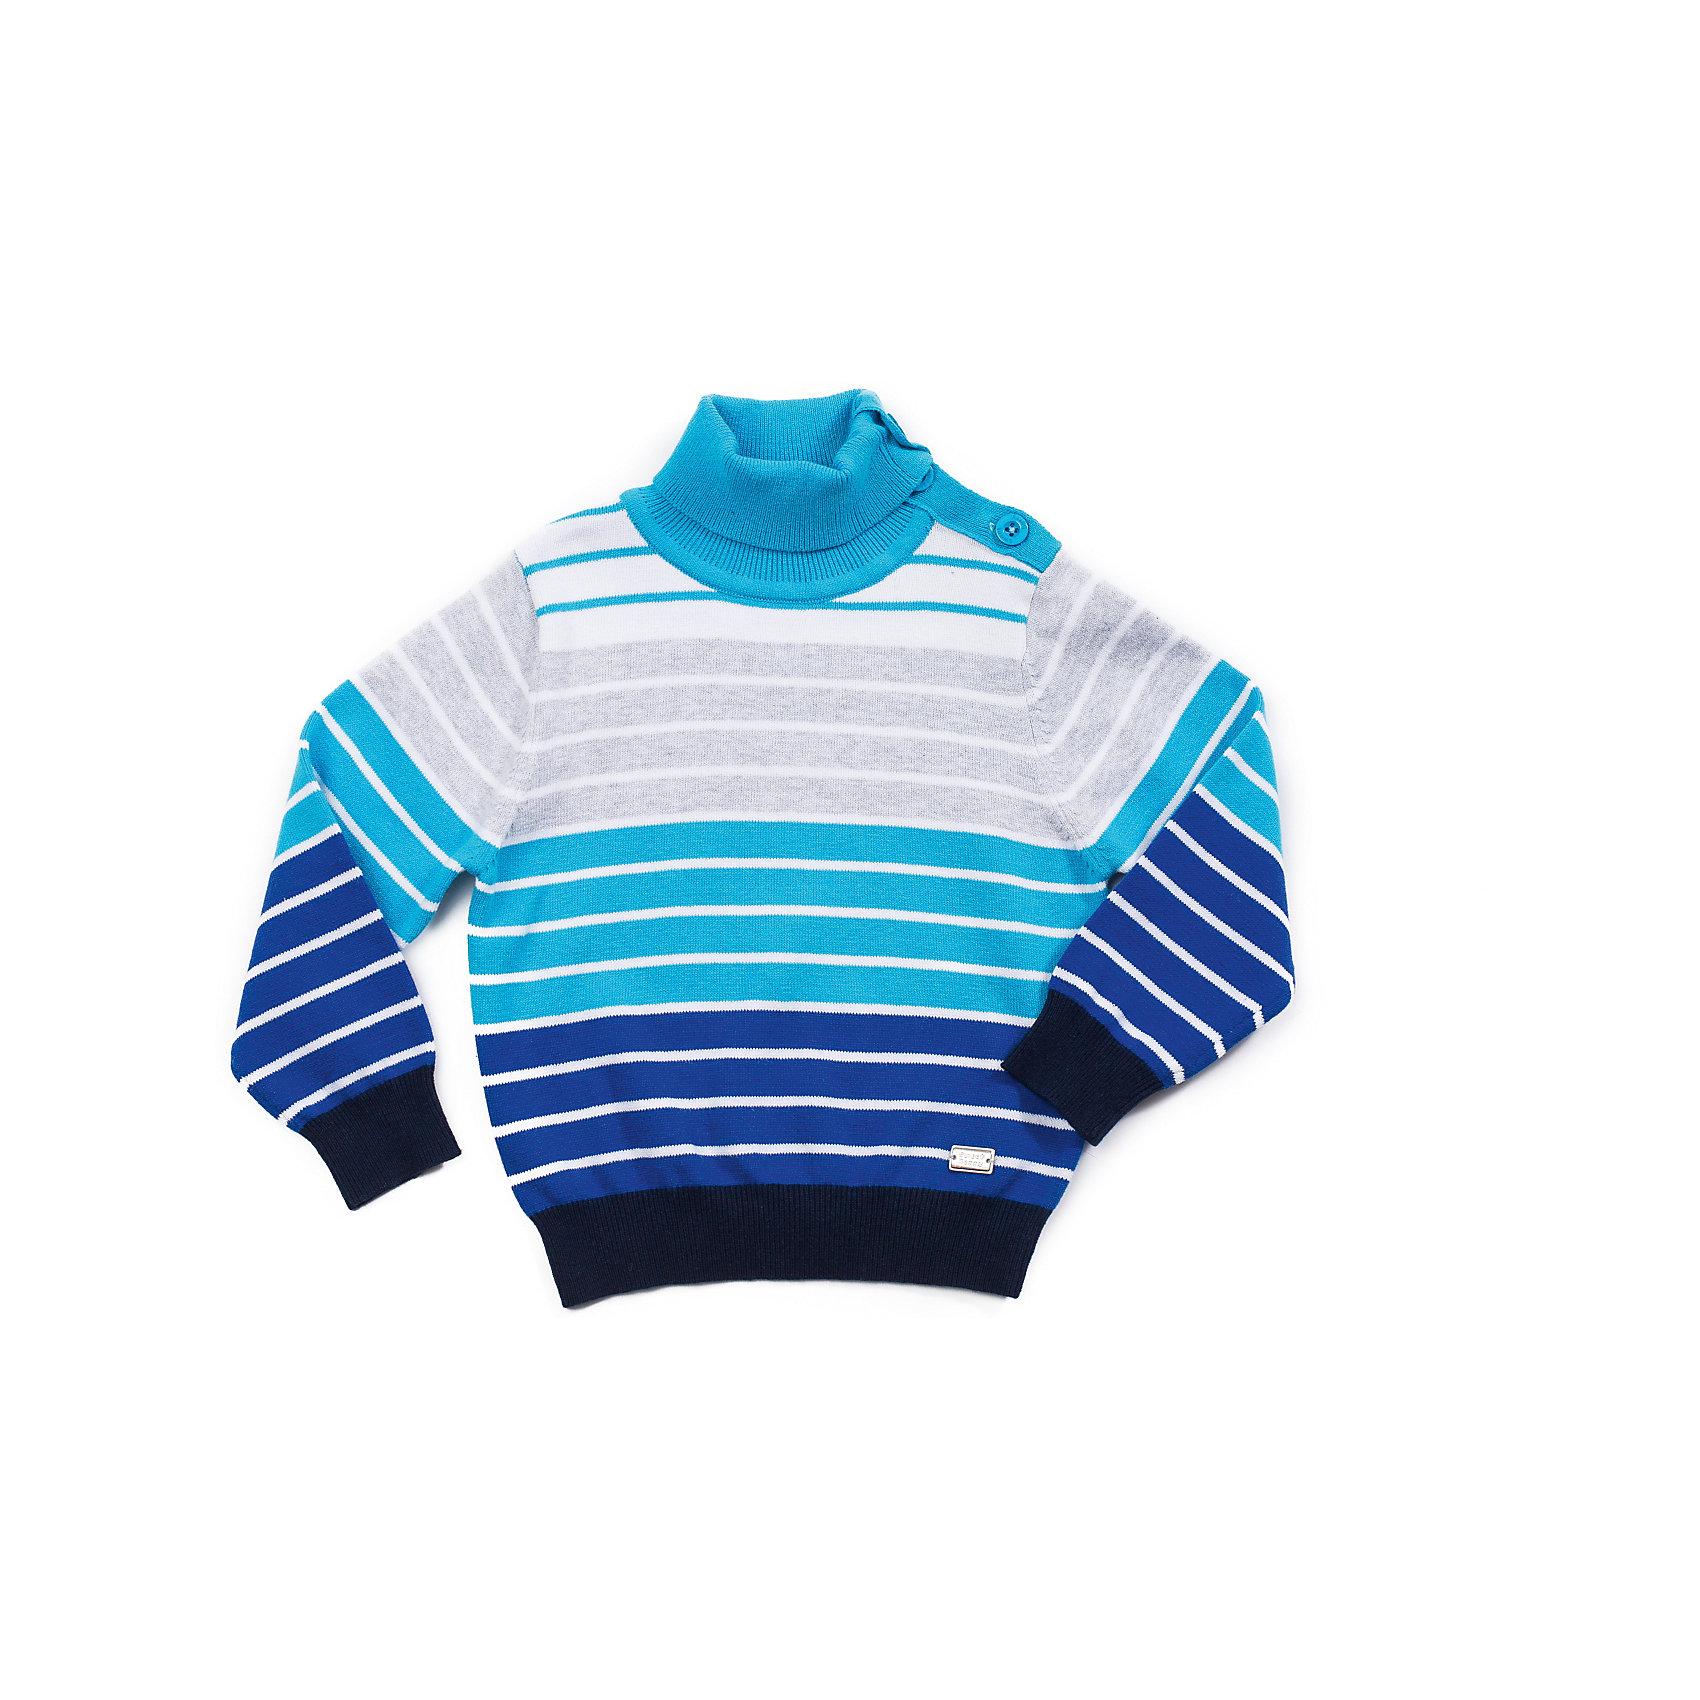 Водолазка для мальчика Sweet BerryВодолазка для мальчика с застежкой по горловине и плечу для более комфортного одевания.<br>Состав:<br>90%хлопок, 10%эластан<br><br>Ширина мм: 230<br>Глубина мм: 40<br>Высота мм: 220<br>Вес г: 250<br>Цвет: разноцветный<br>Возраст от месяцев: 9<br>Возраст до месяцев: 12<br>Пол: Мужской<br>Возраст: Детский<br>Размер: 80,86,92,98<br>SKU: 4273157